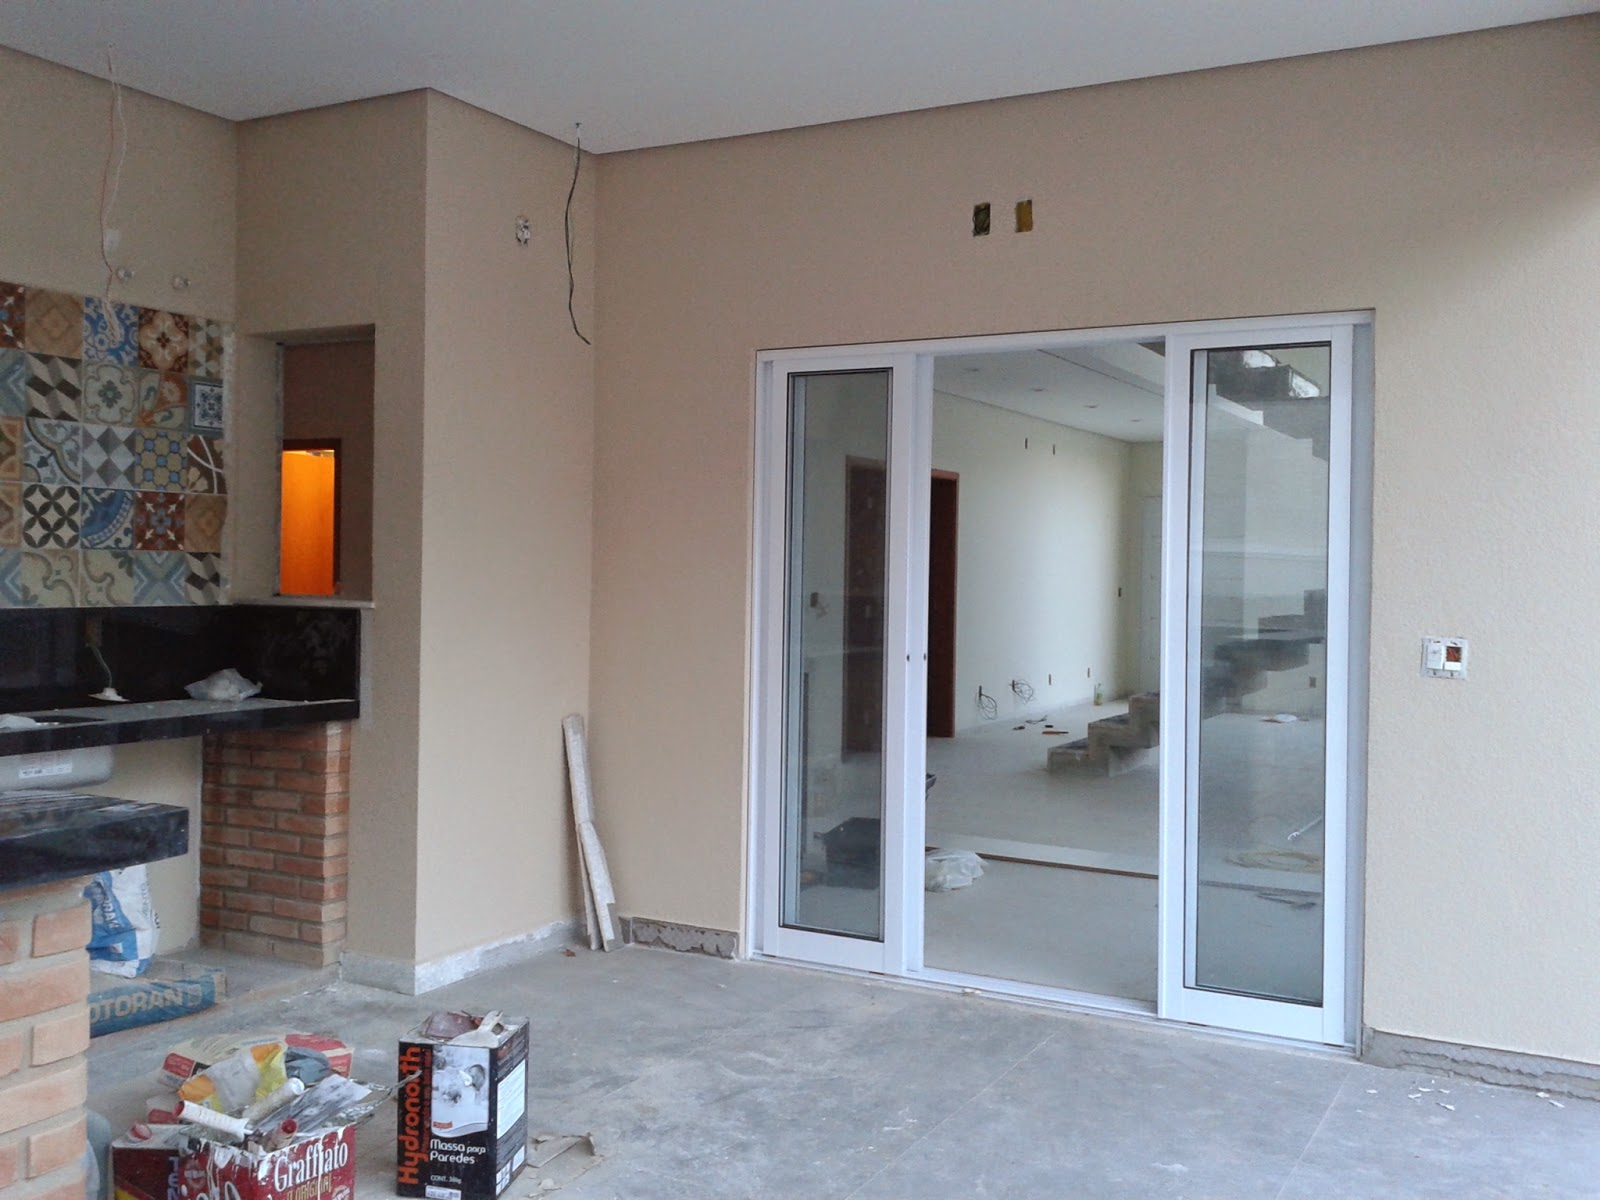 #614940 Construção de Rody e Fábio 1600x1200 px Projetos De Casas Com Cozinha Nos Fundos #187 imagens